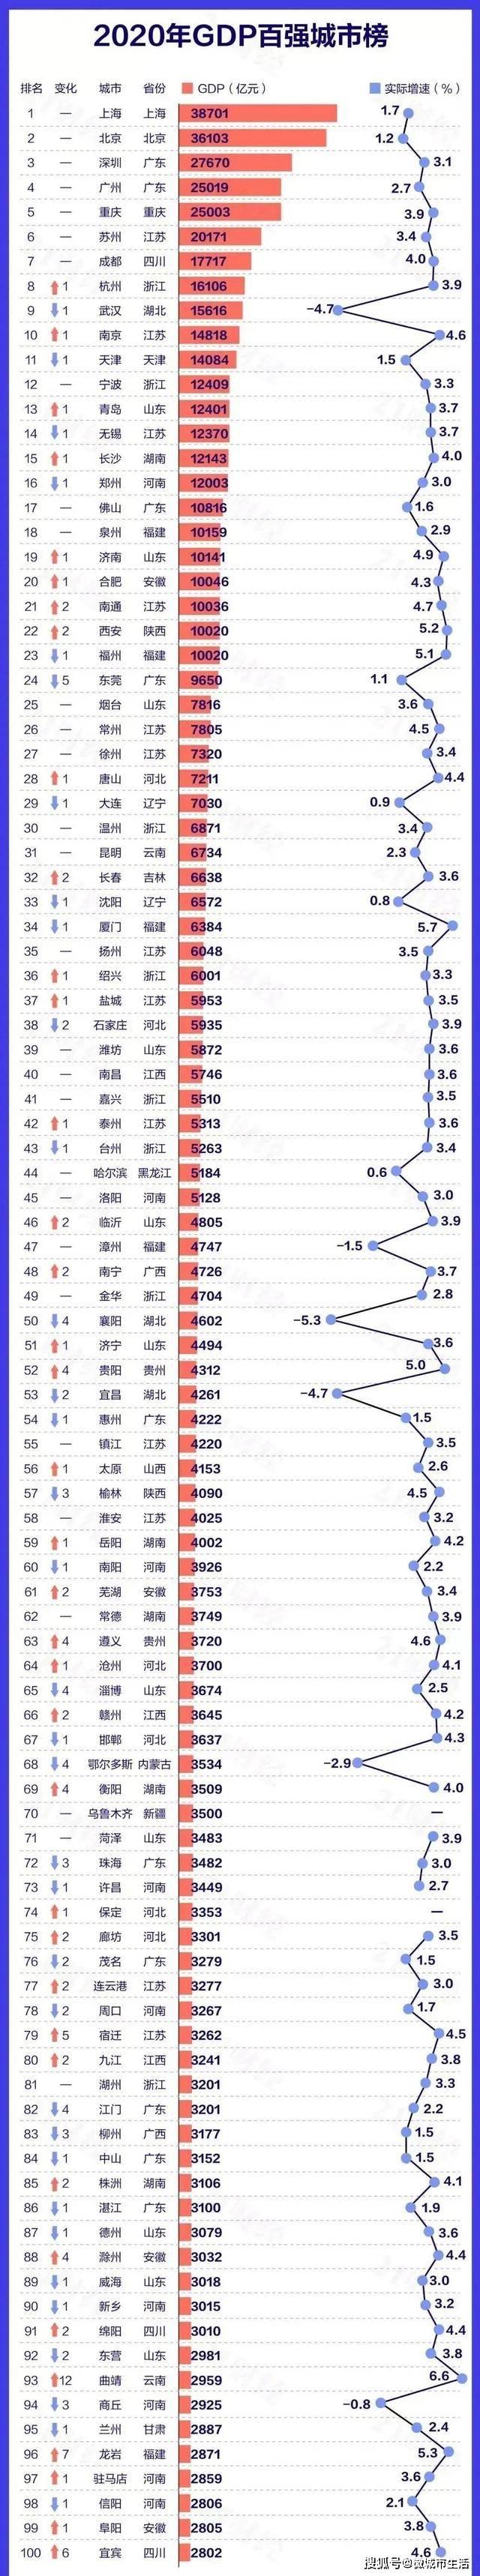 江苏宿迁gdp_江苏连云港20年GDP超宿迁14.7亿,那么今年宿迁GDP有望实现反超吗